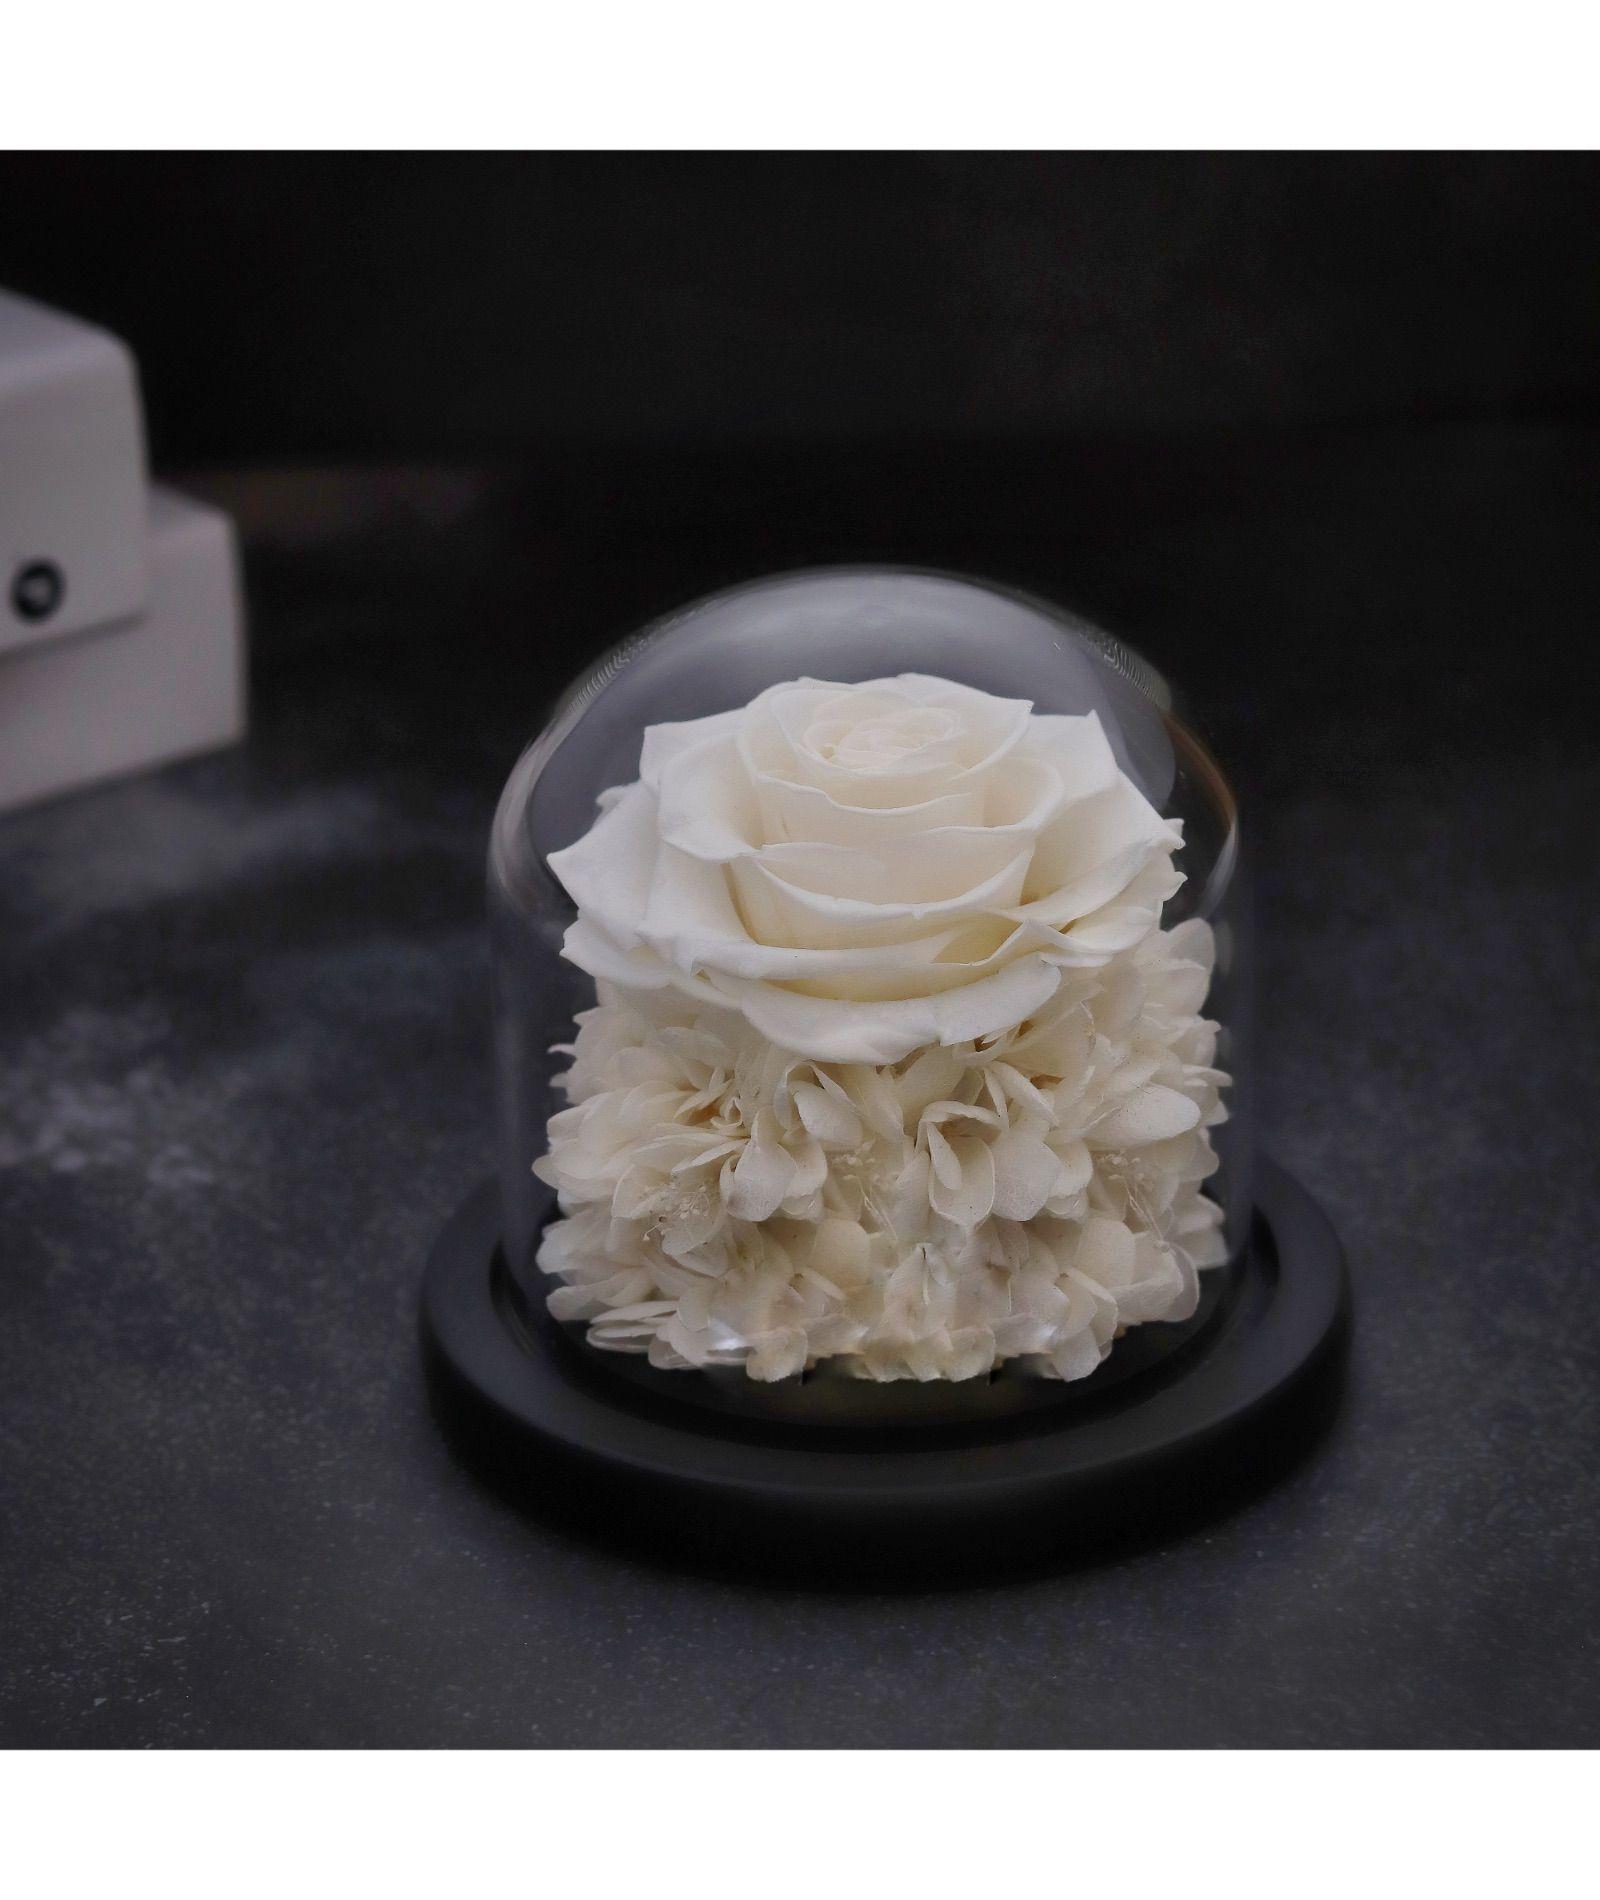 ورد طبيعى ابيض دايم ايلوبا روزز داخل فازة زجاجية Desserts Cake